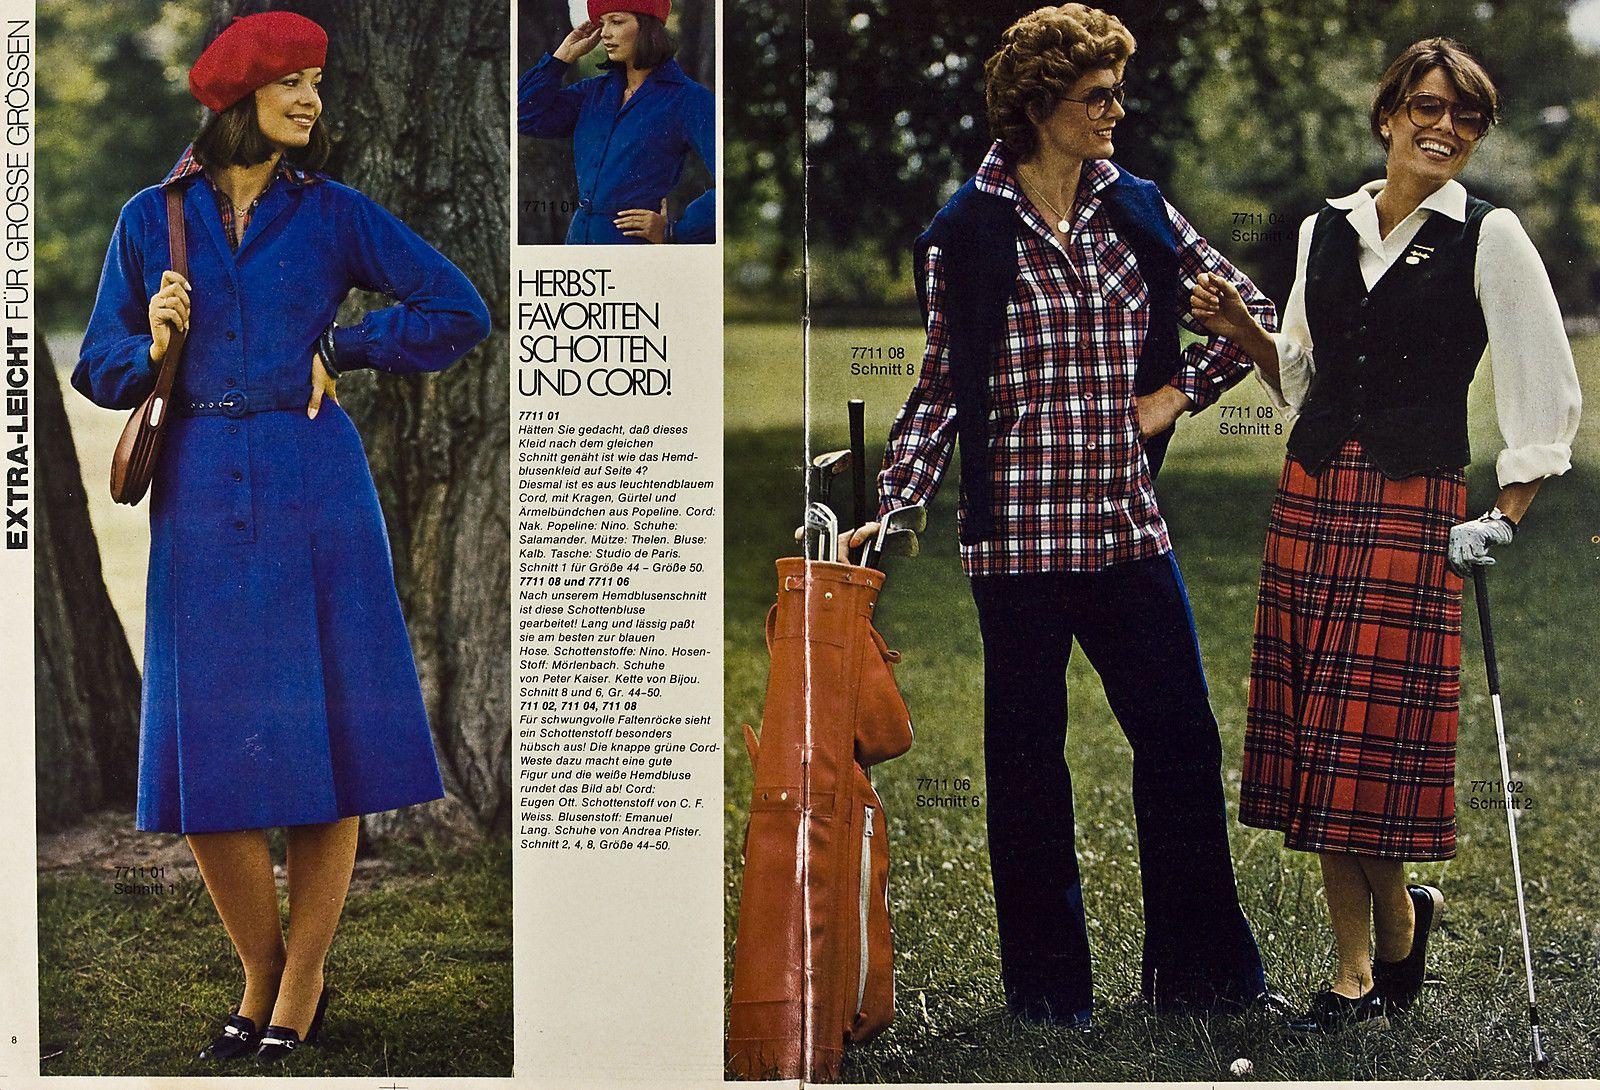 Neue Mode Sonderheft Mode für große Größen 1977 B4216 in Libros, revistas y…